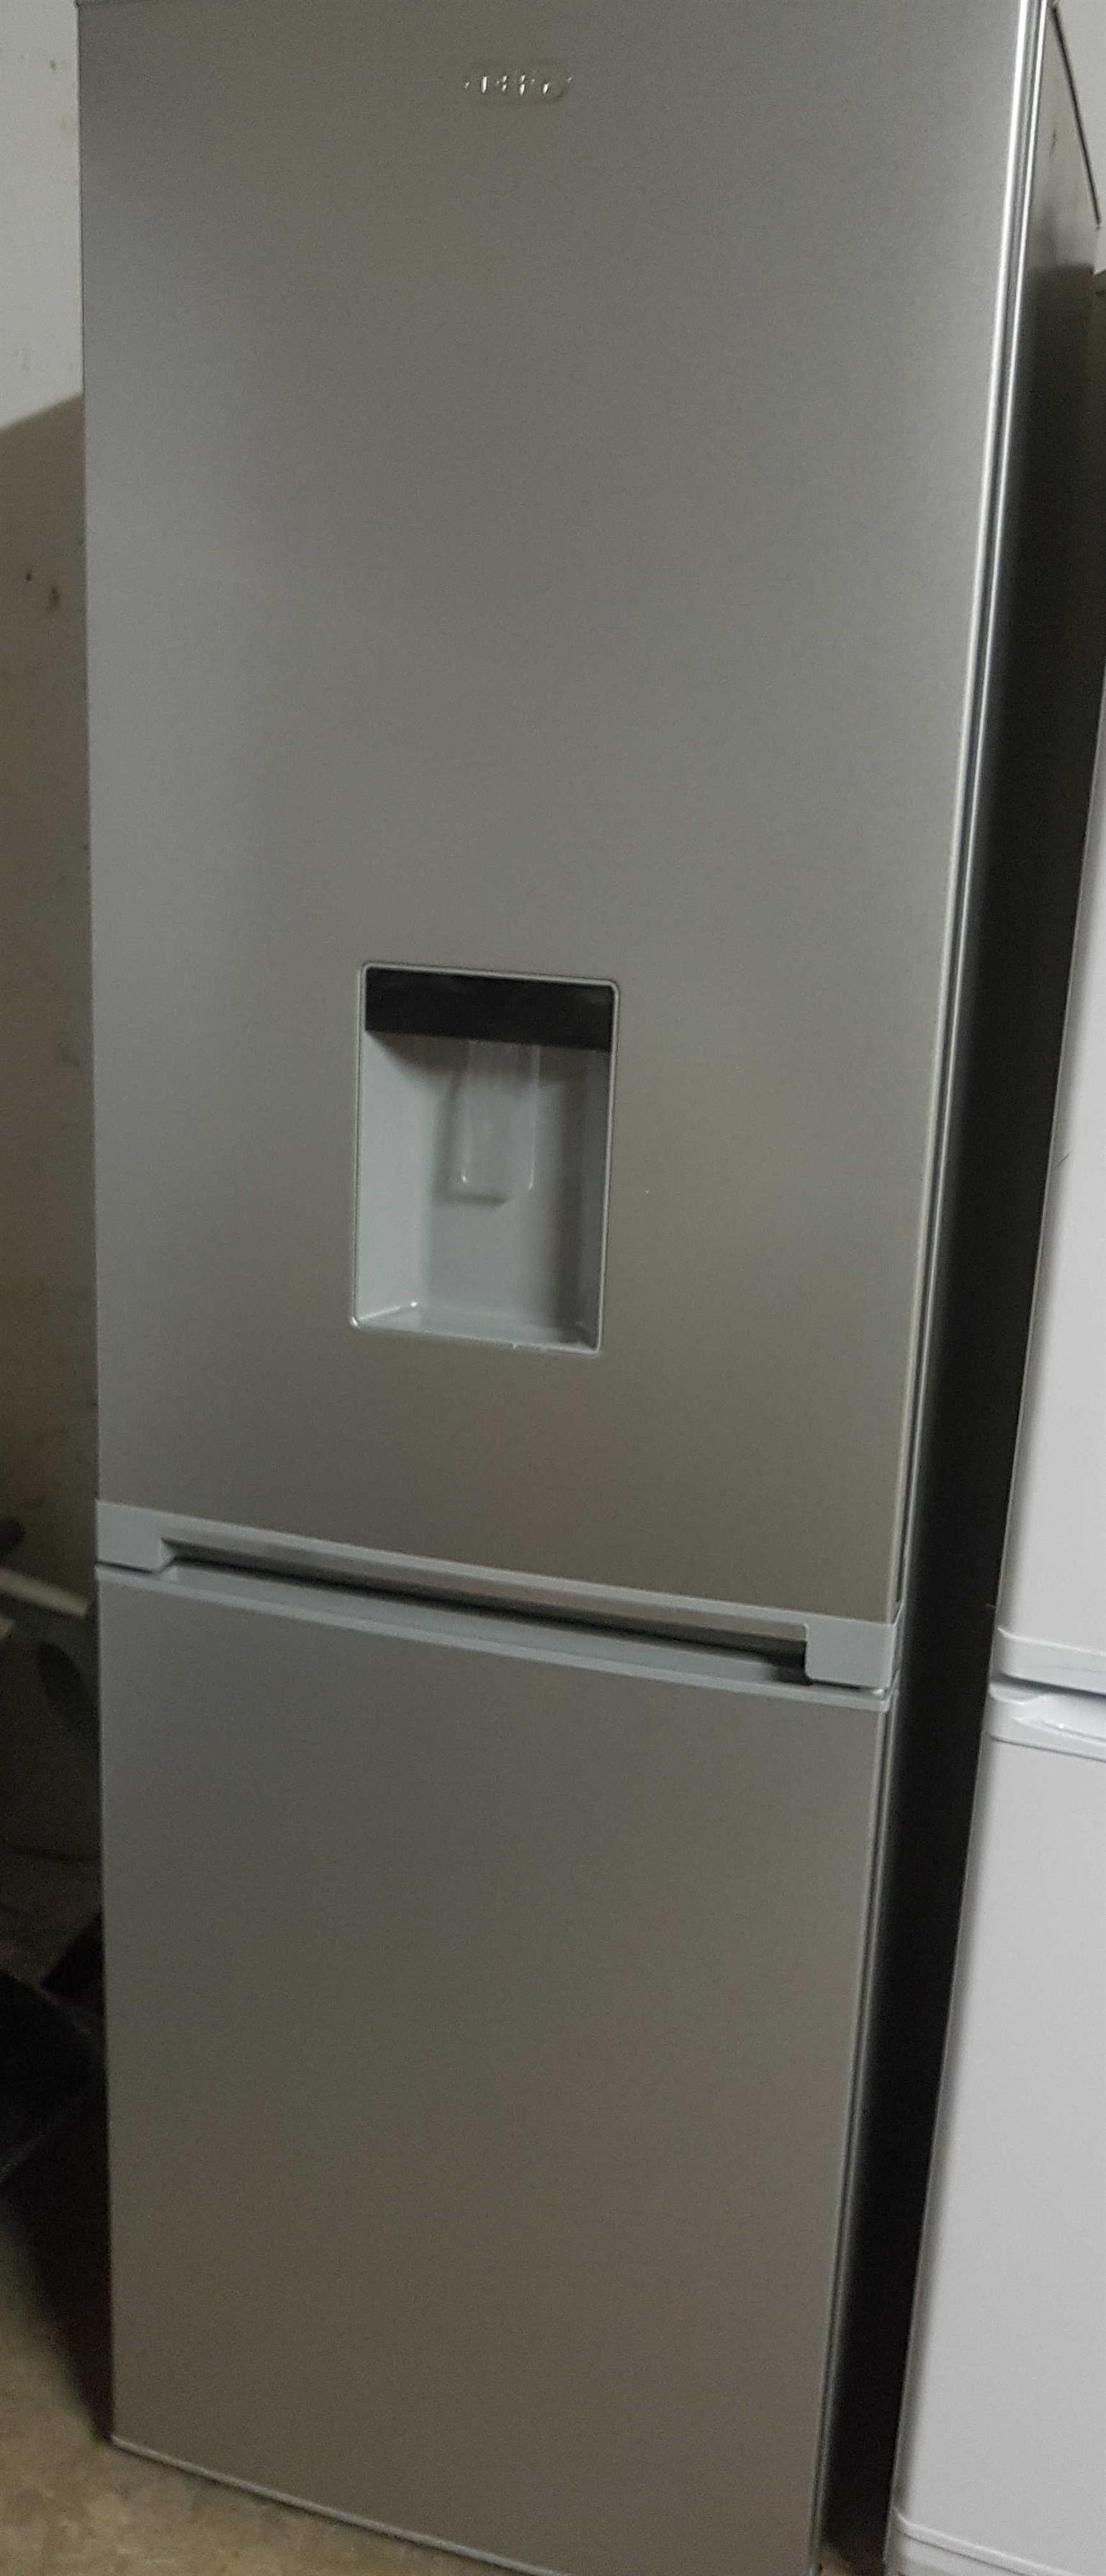 defy fridge freezer combi with water dispenser